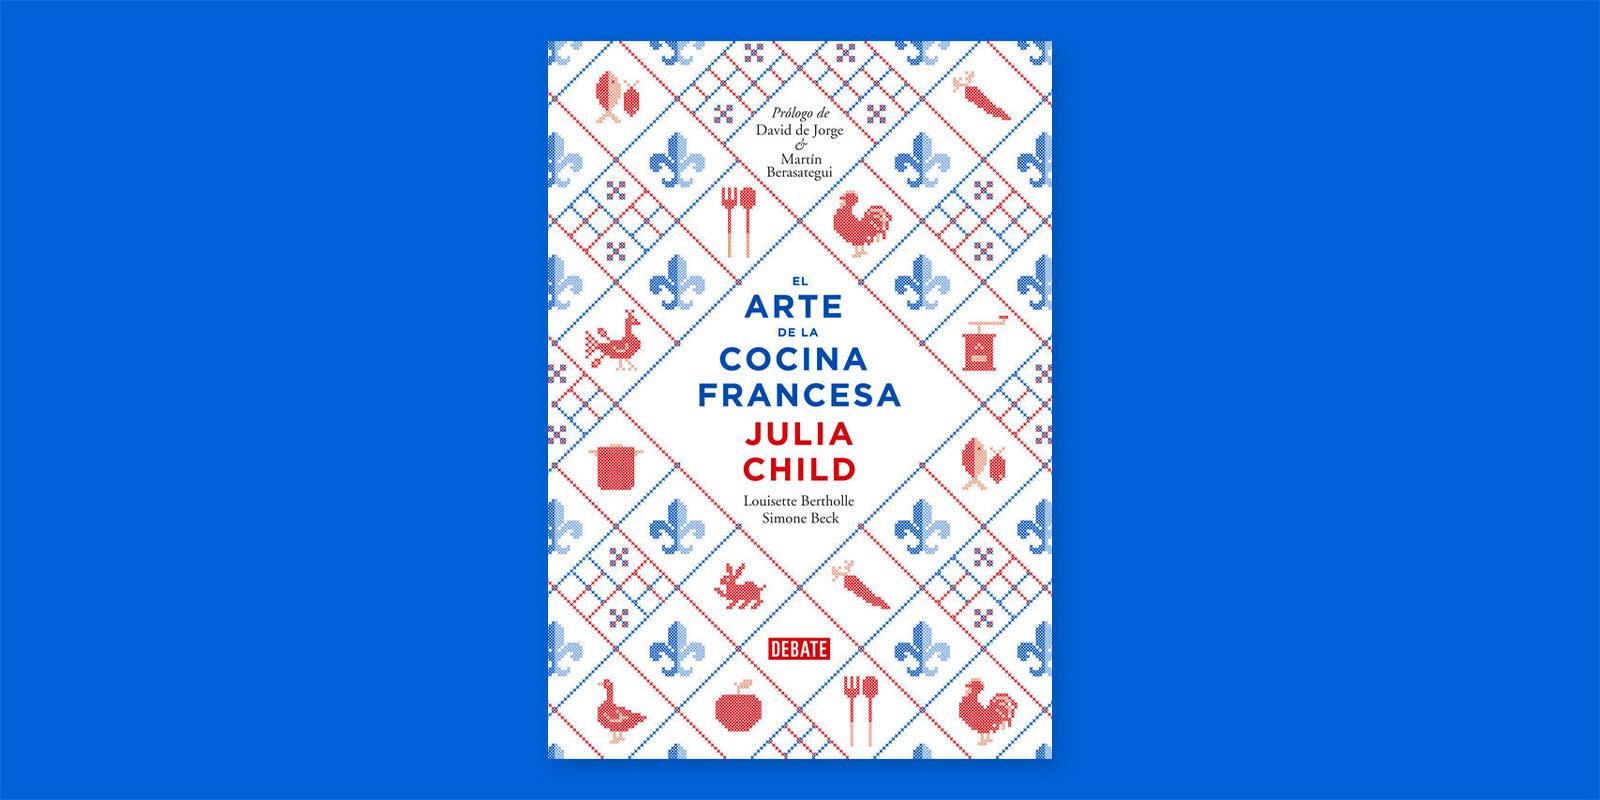 El arte de la cocina francesa, de Julia Child